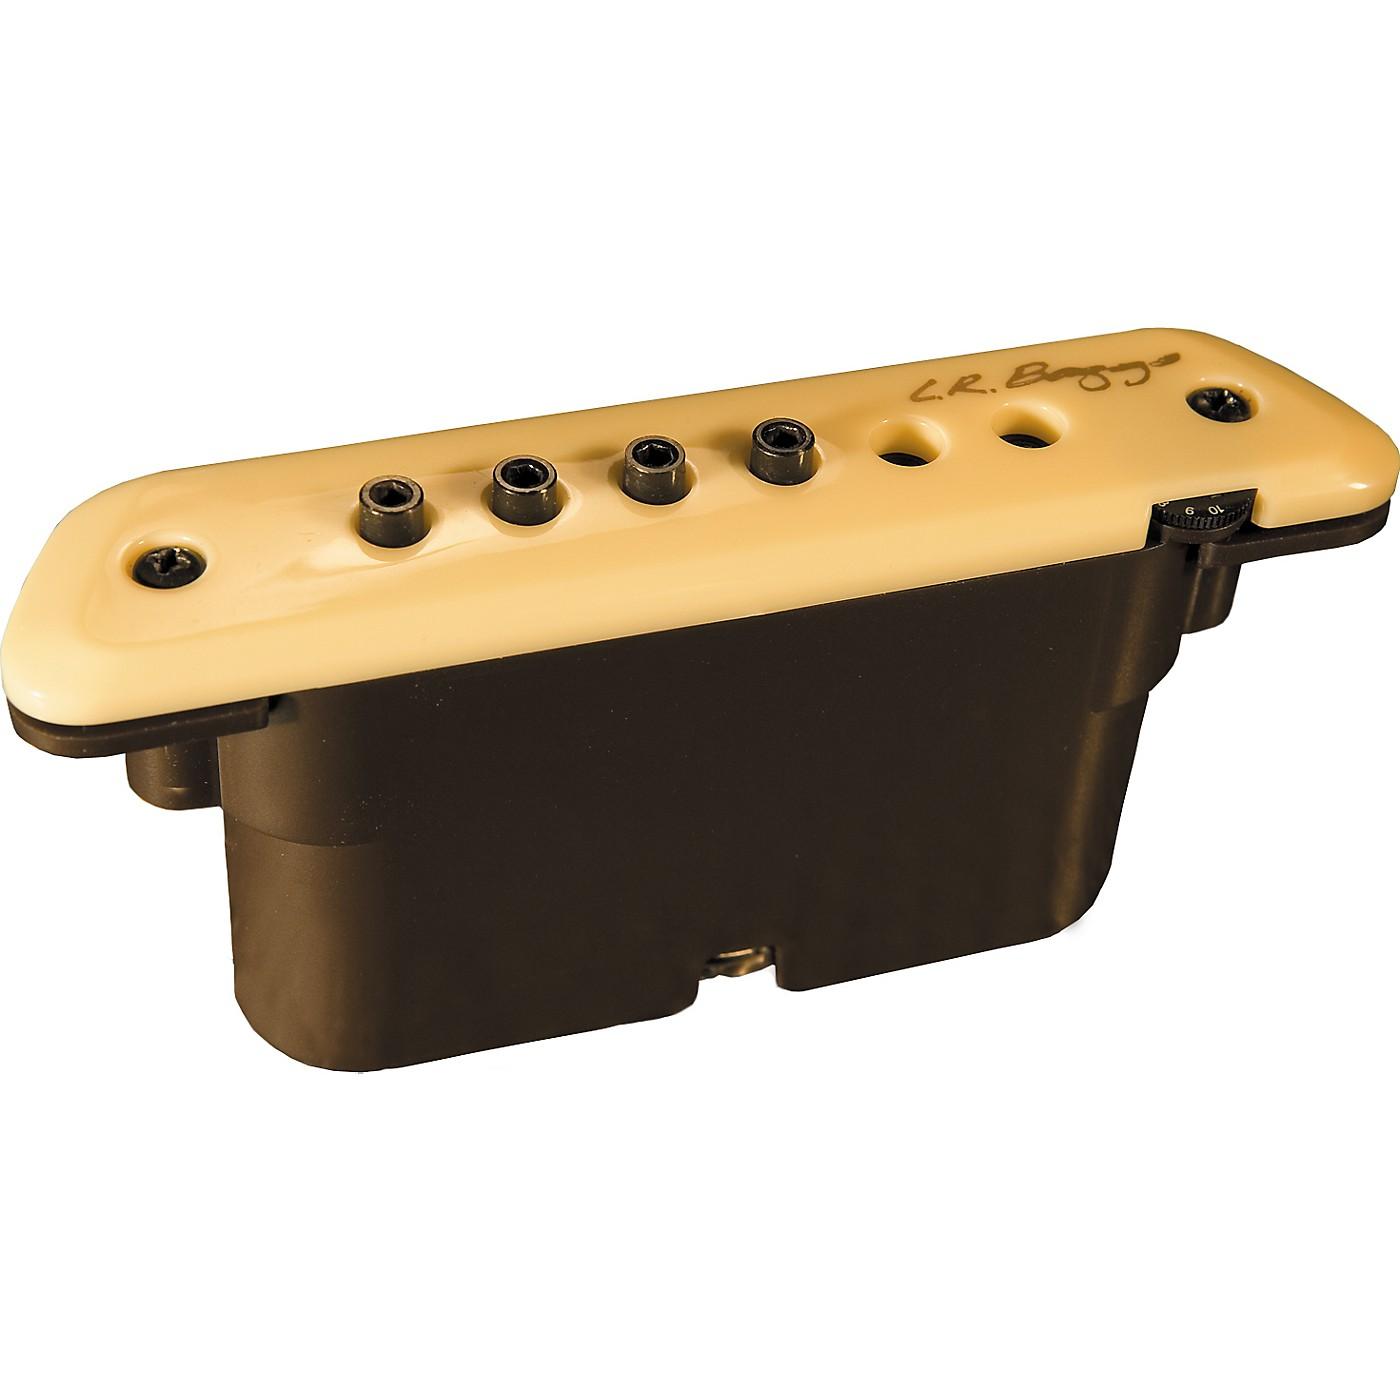 LR Baggs M1A Active Soundhole Magnetic Pickup thumbnail